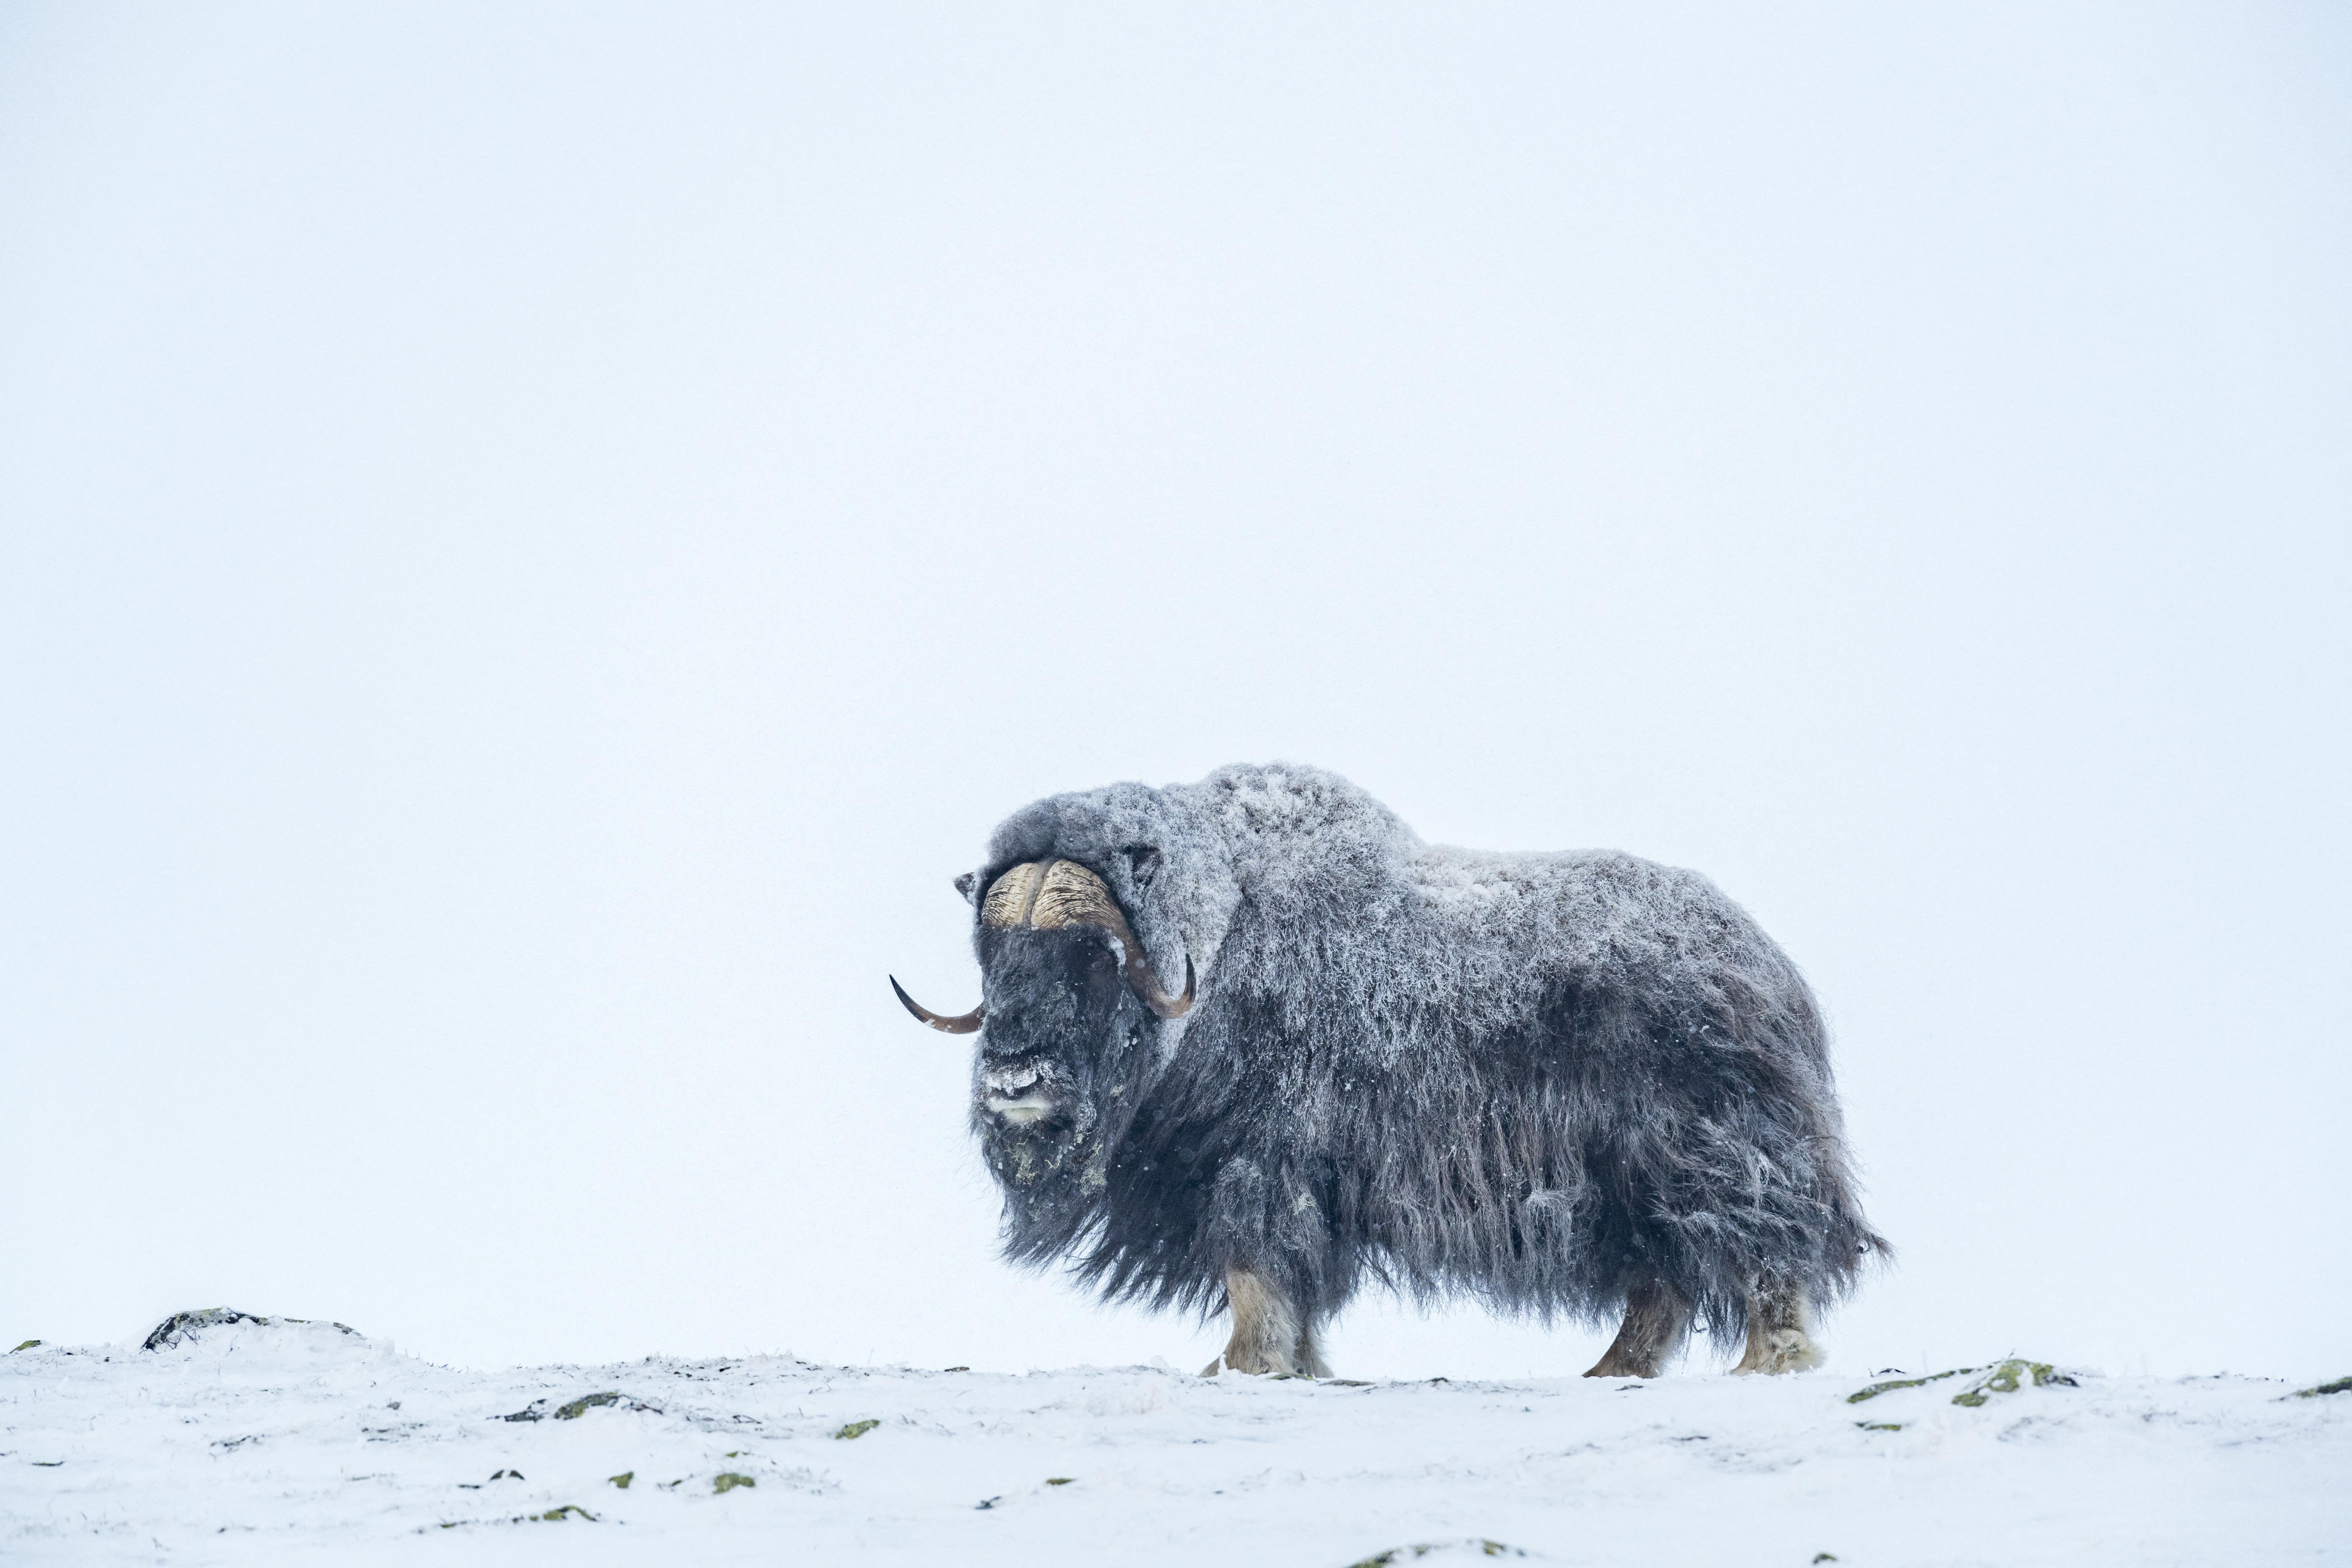 A jövő hét végén -20 fok is lehet, ha az országra szakad a szibériai hideg